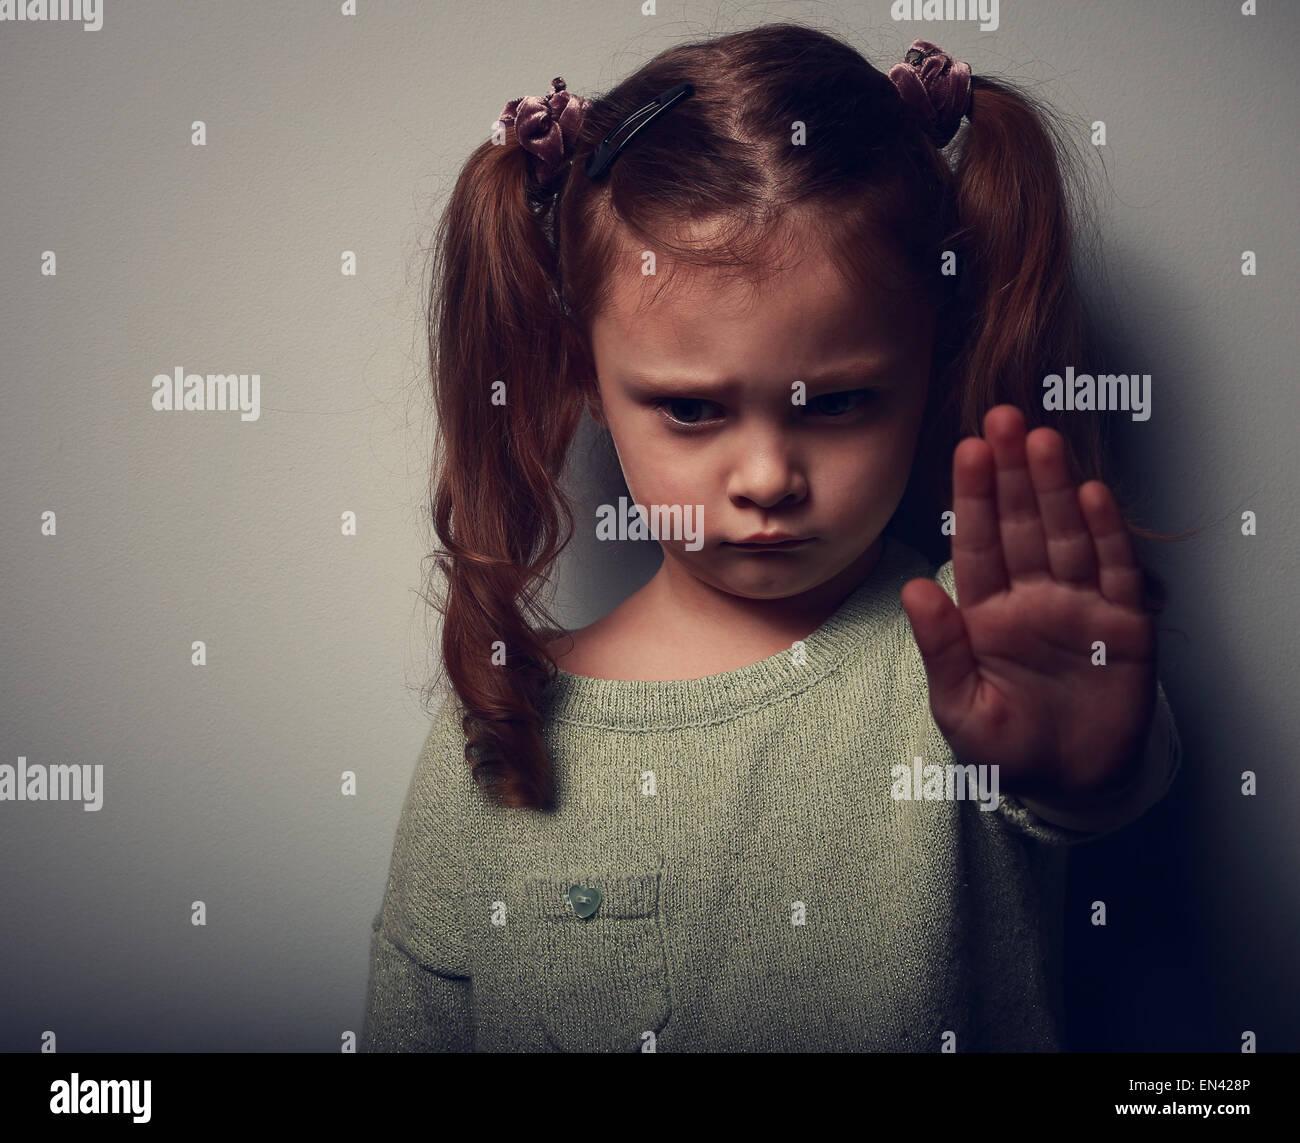 Chico Chica mostrando señales de mano para detener la violencia y el dolor y mirando hacia abajo sobre un fondo Imagen De Stock